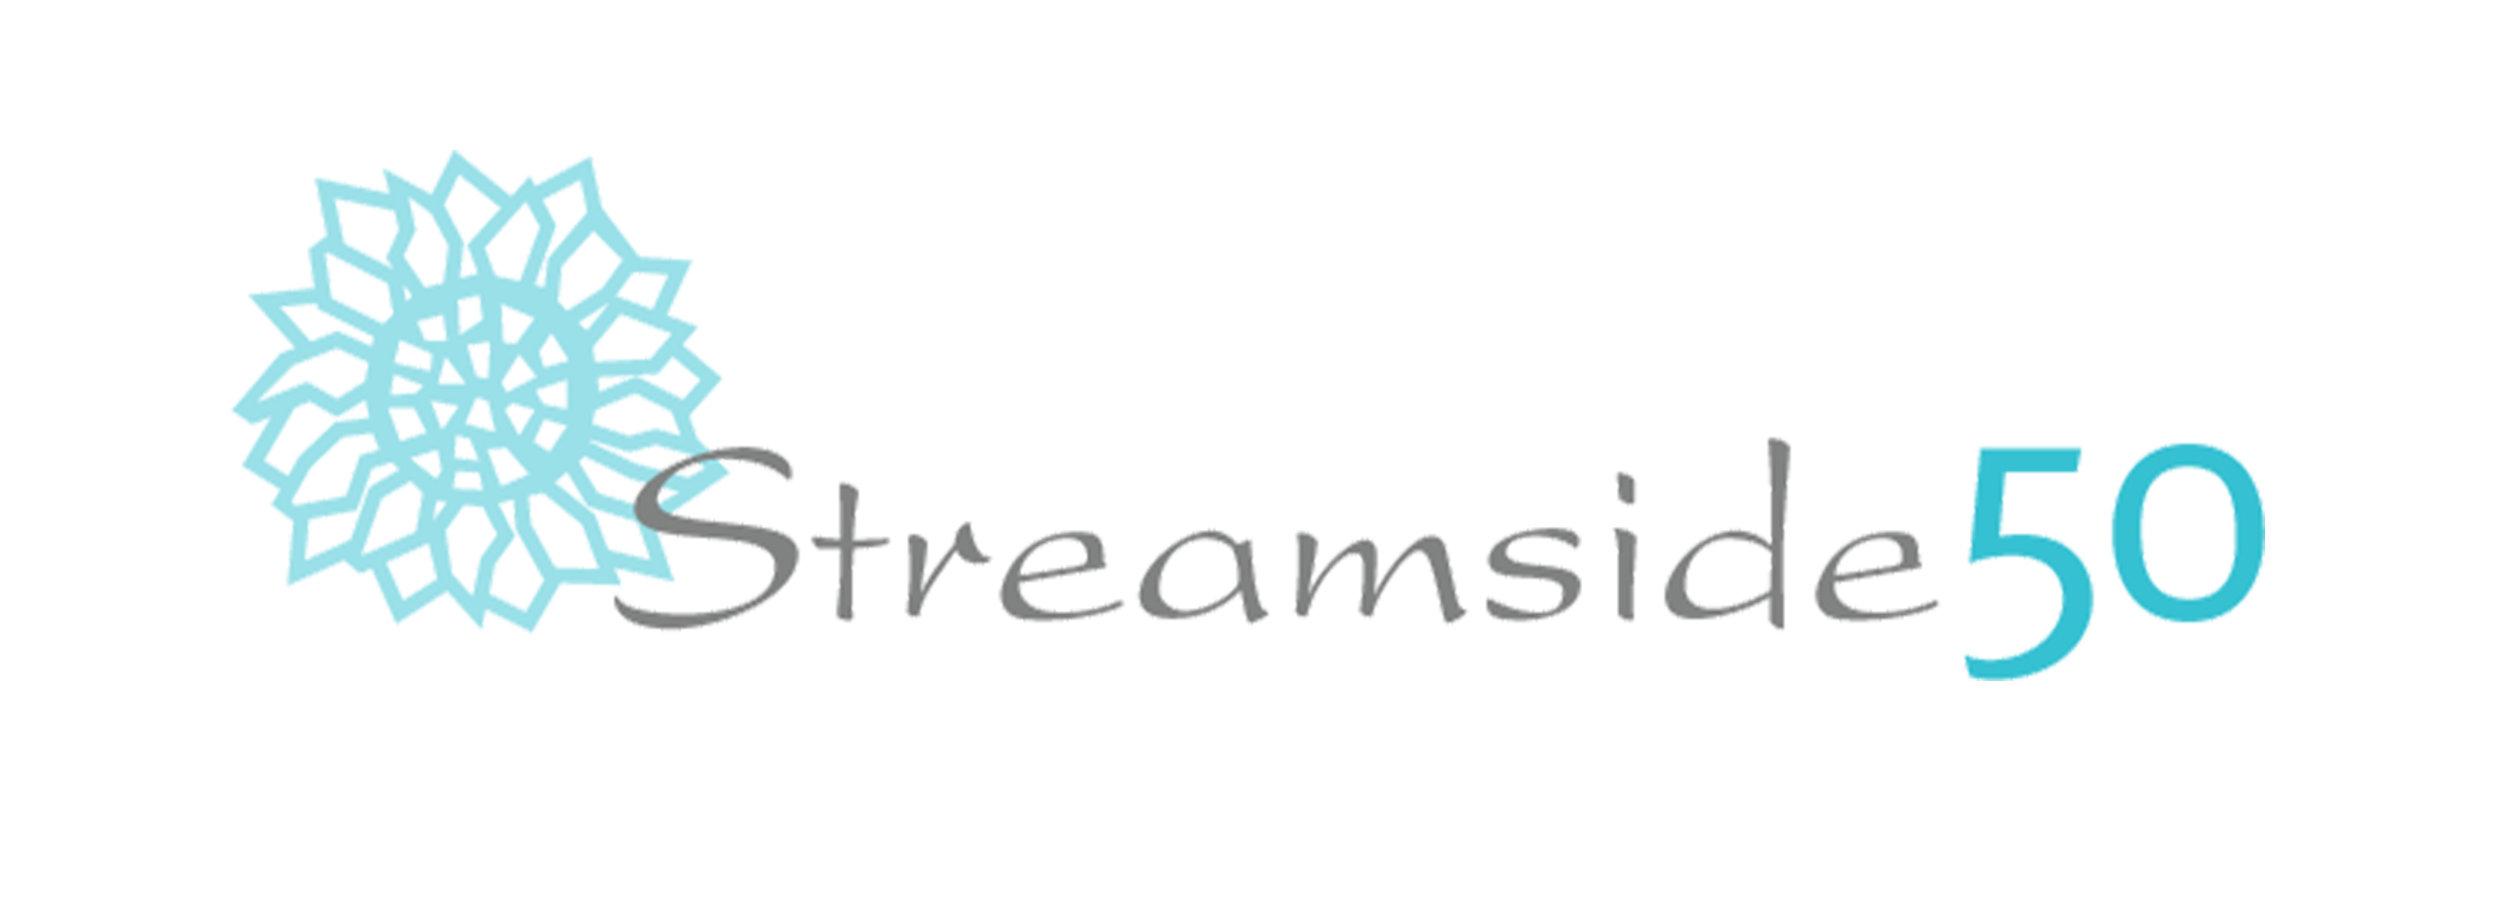 ss50 Logo.jpg